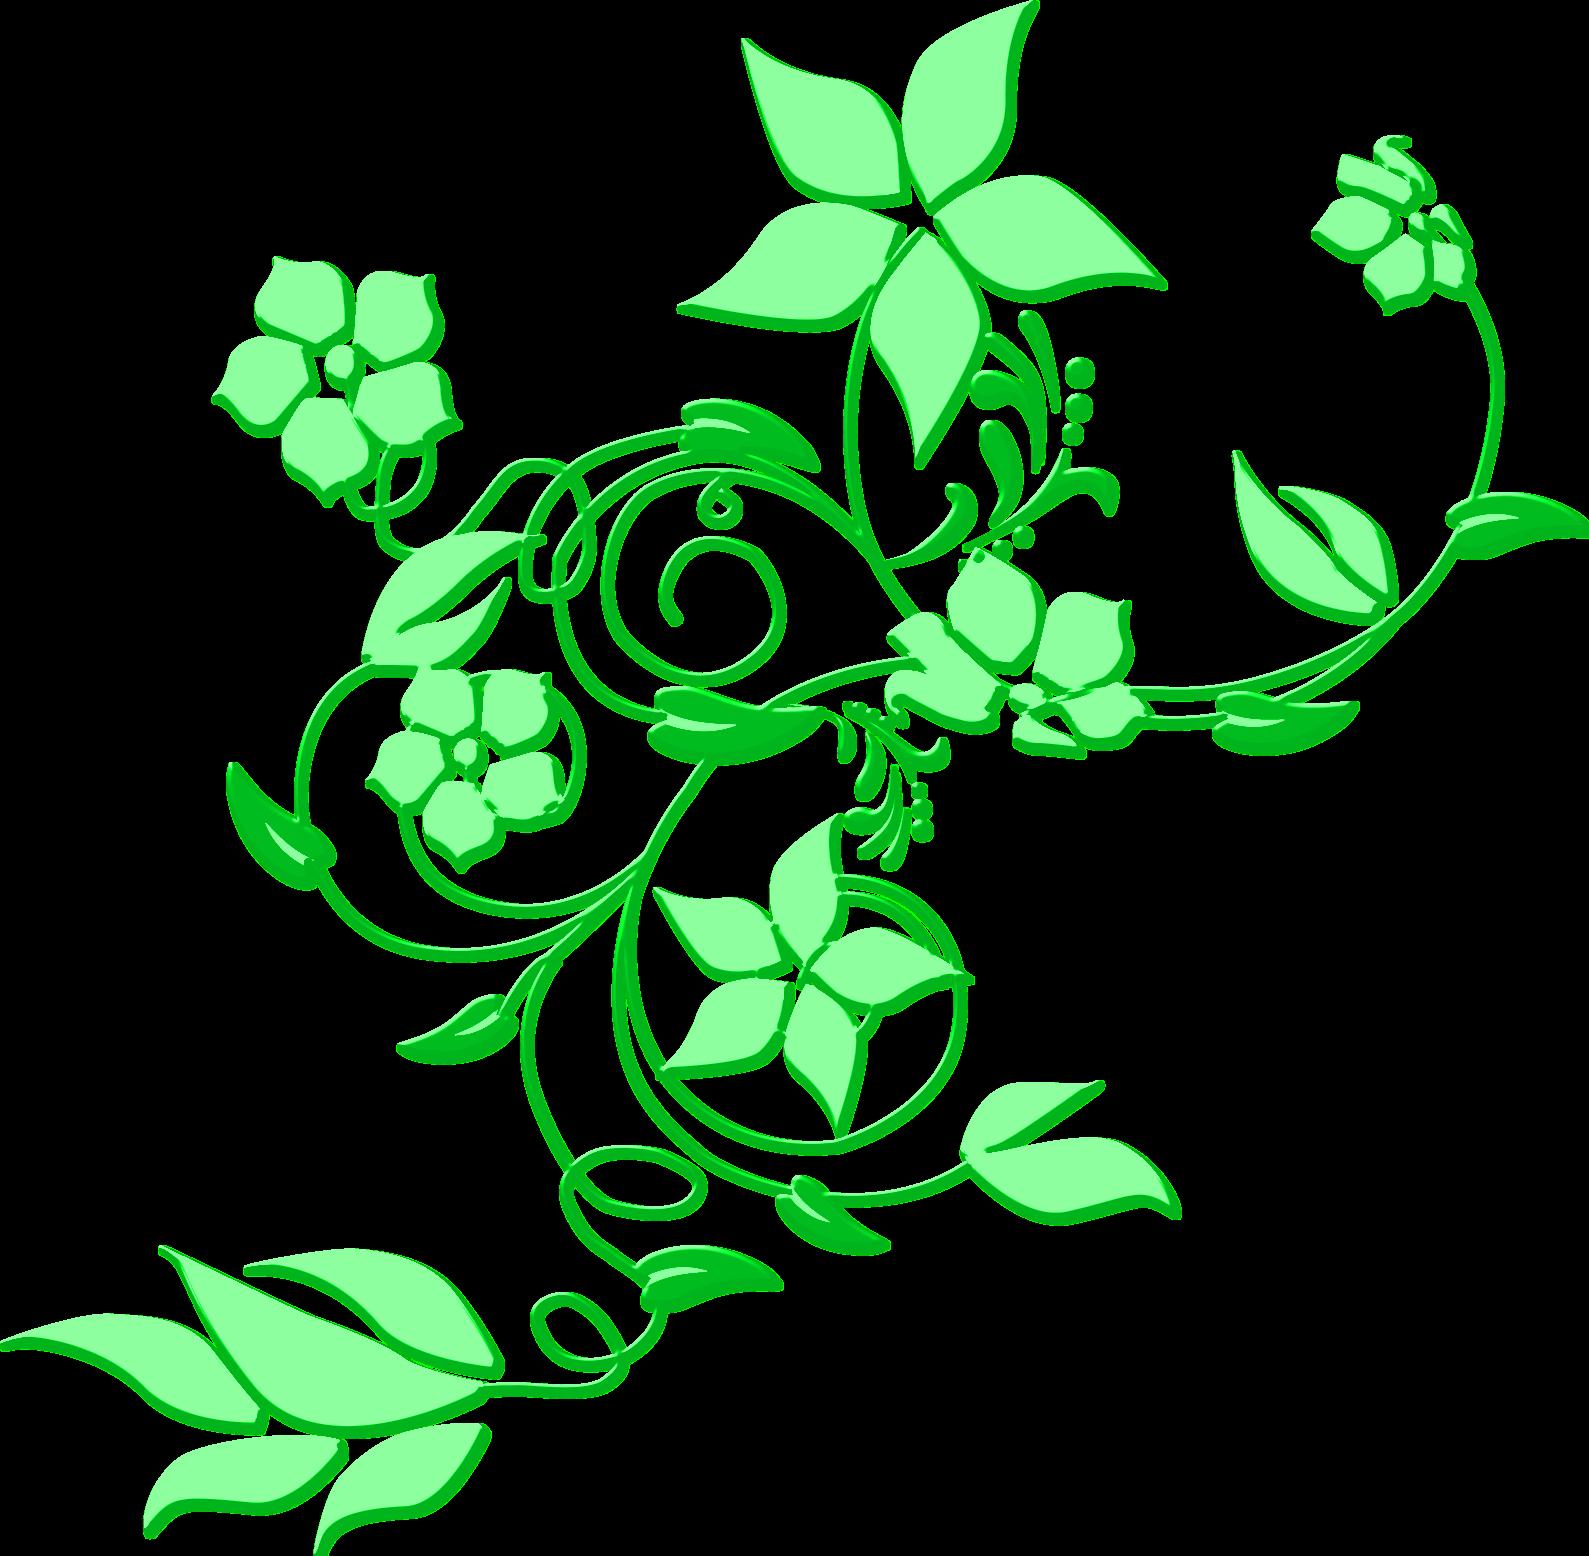 Wallpaper Gambar Bunga